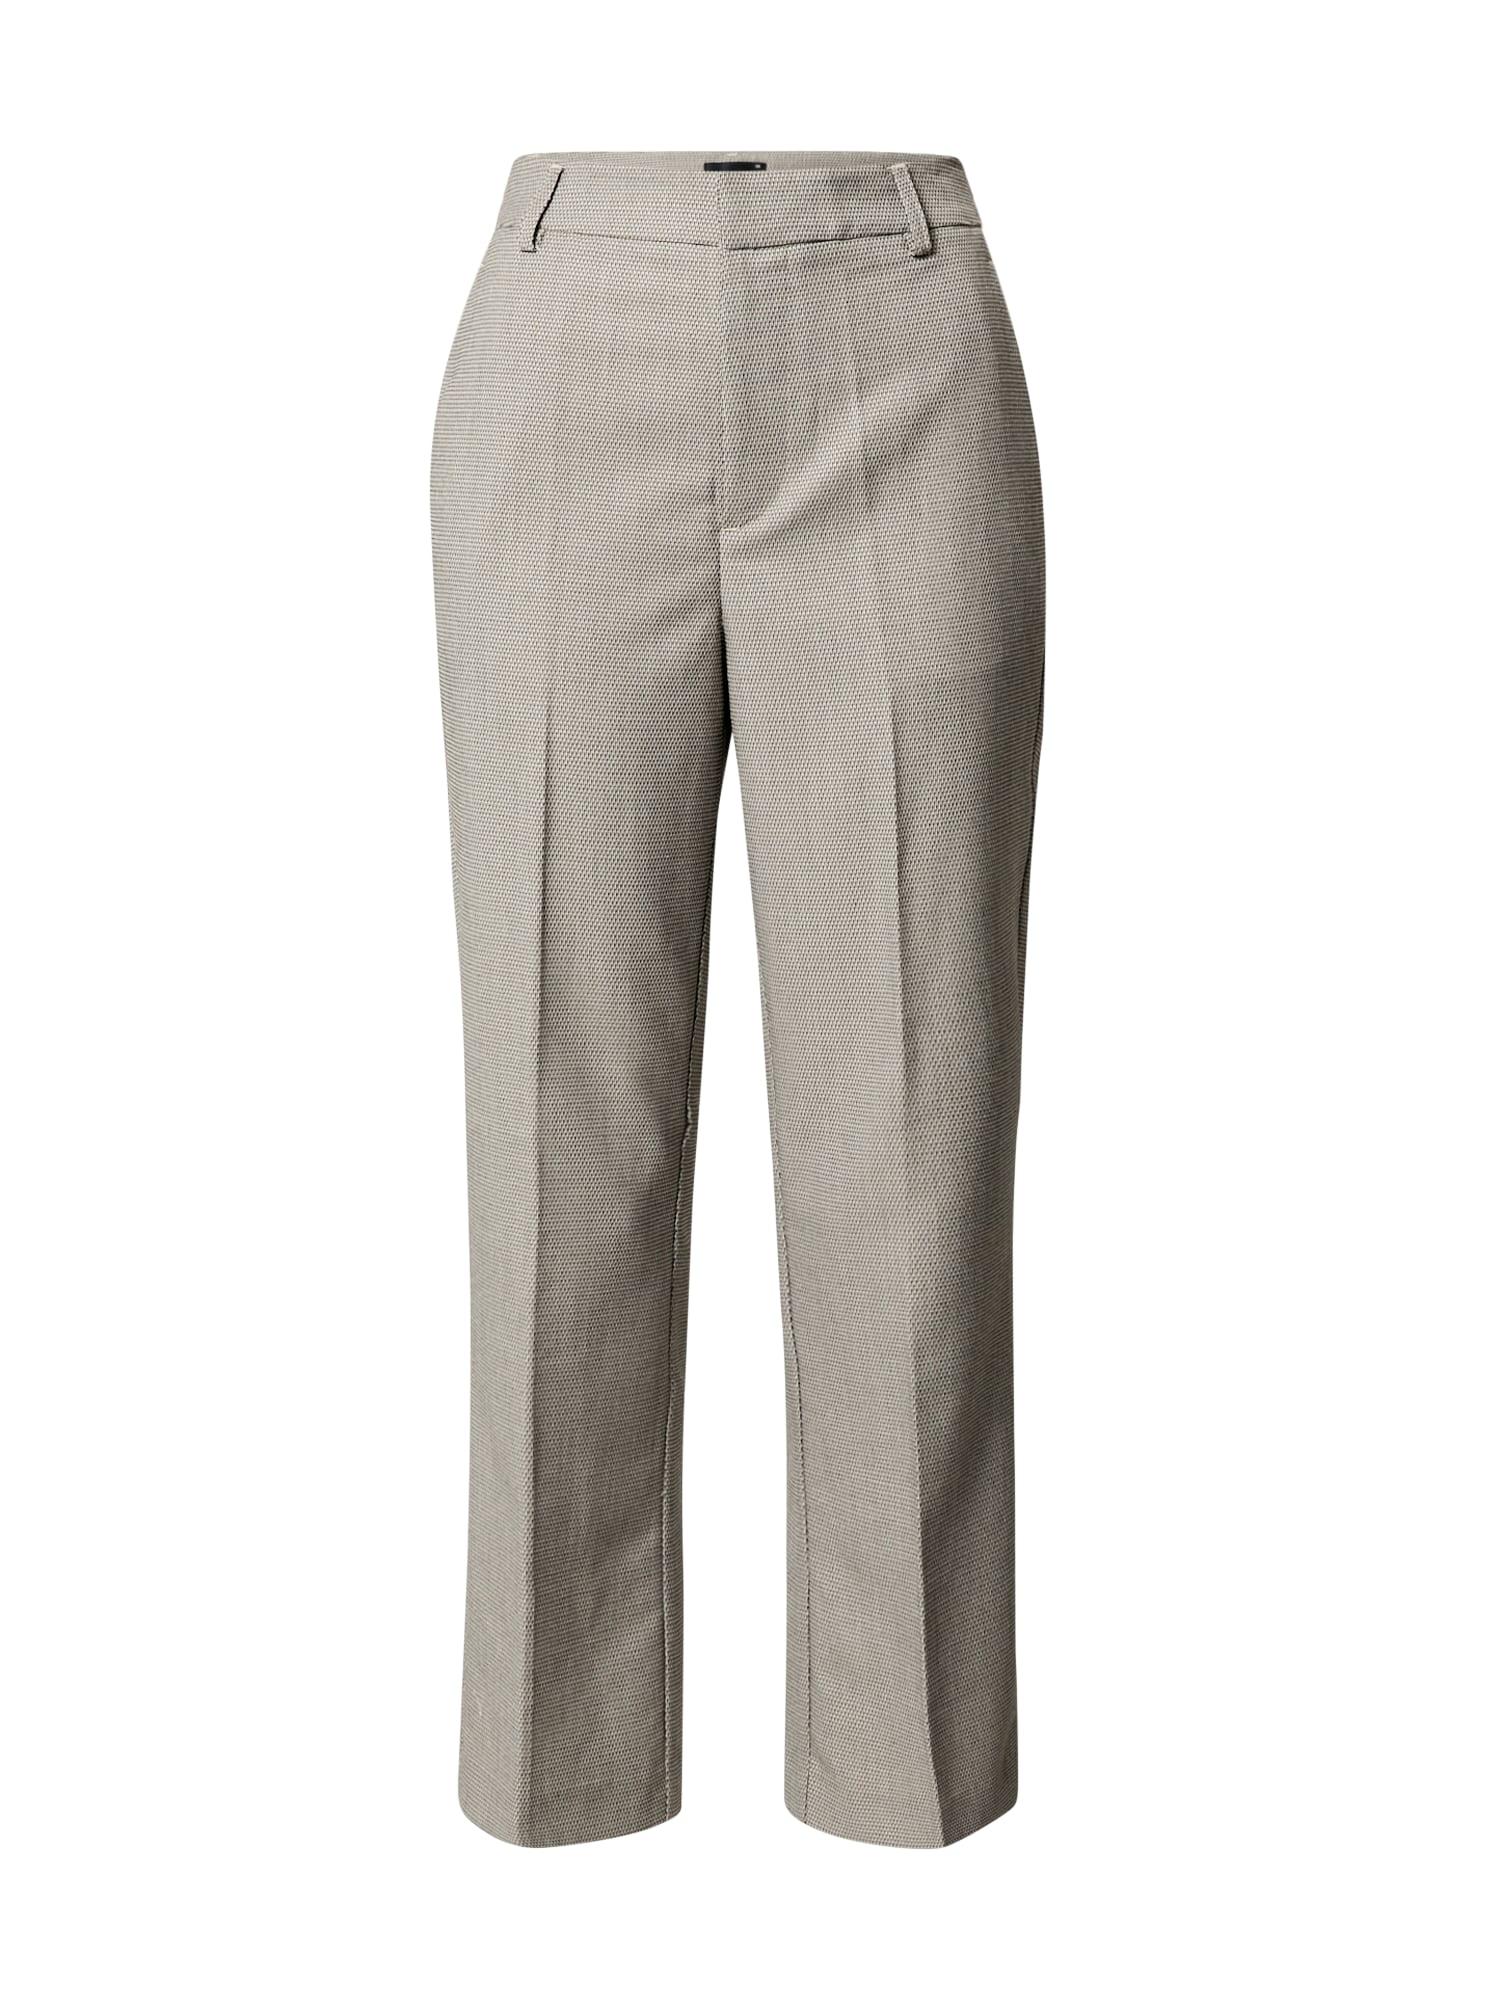 Gina Tricot Kalhoty s puky 'Lisa'  béžová / námořnická modř